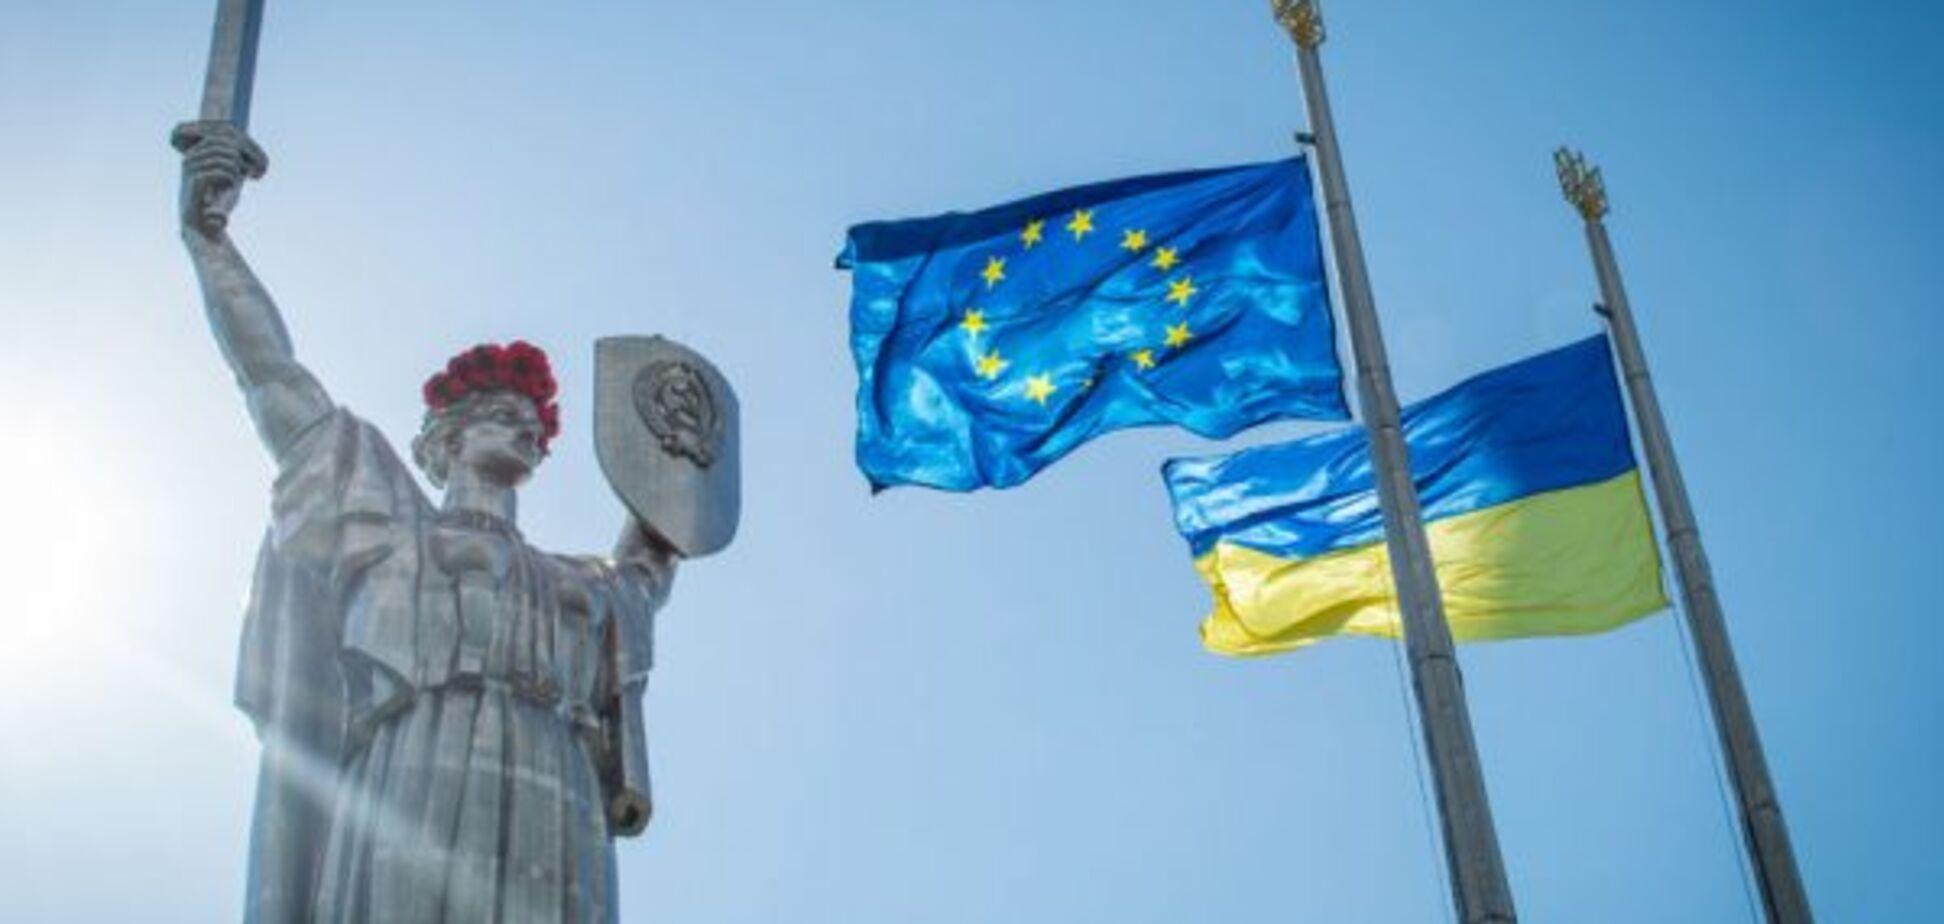 'Все это достижения и победа': в сети показали успехи Украины во время военной агрессии РФ